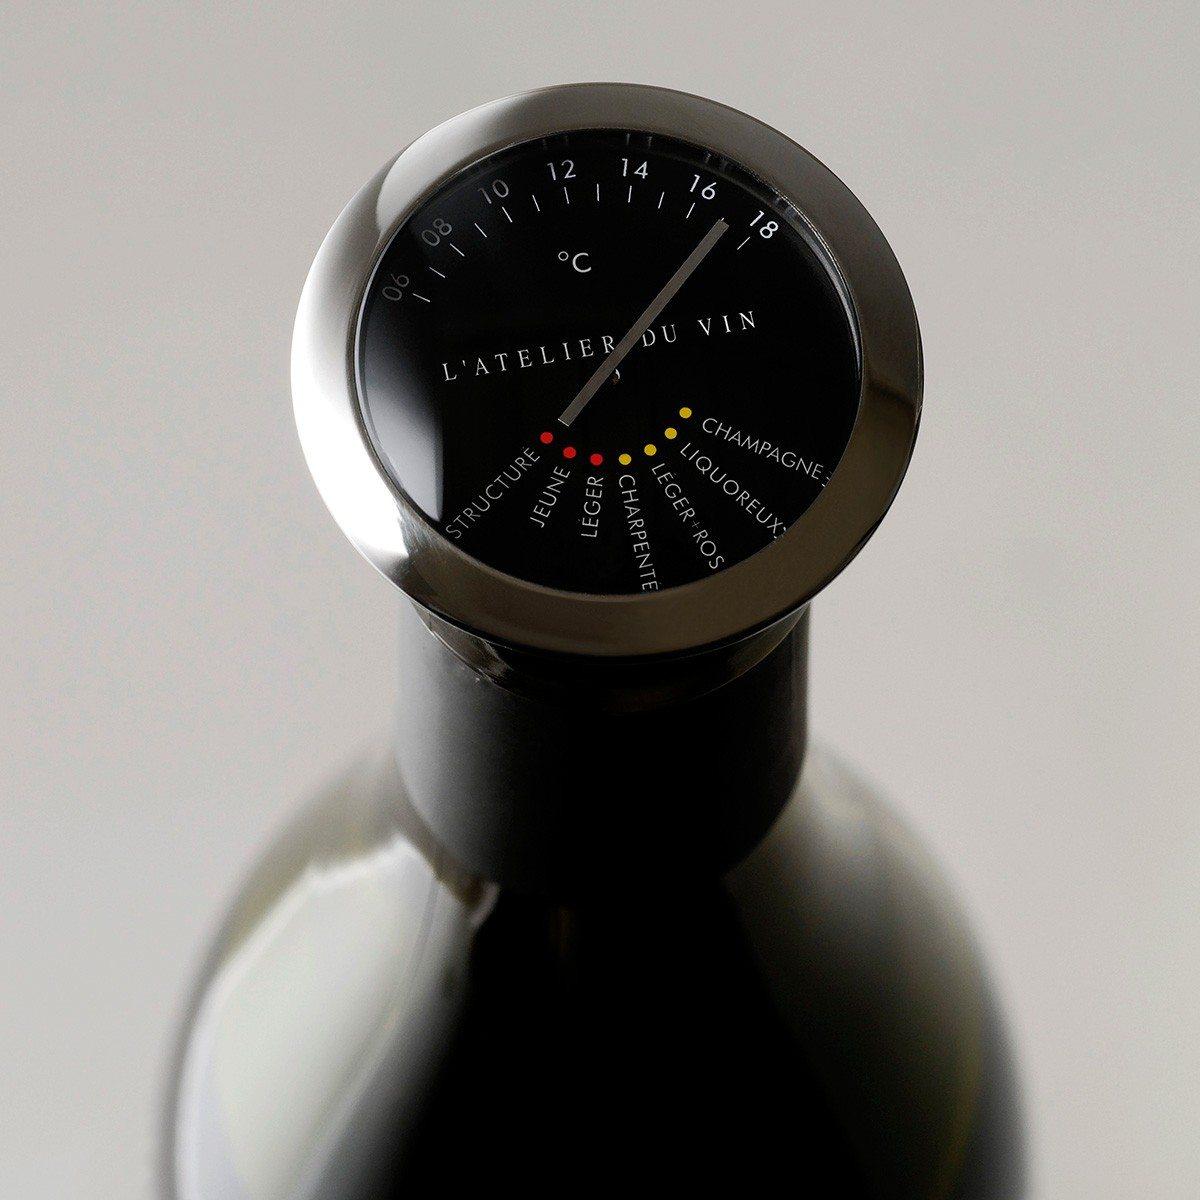 Edles Weinthermometer von Atelier du Vin